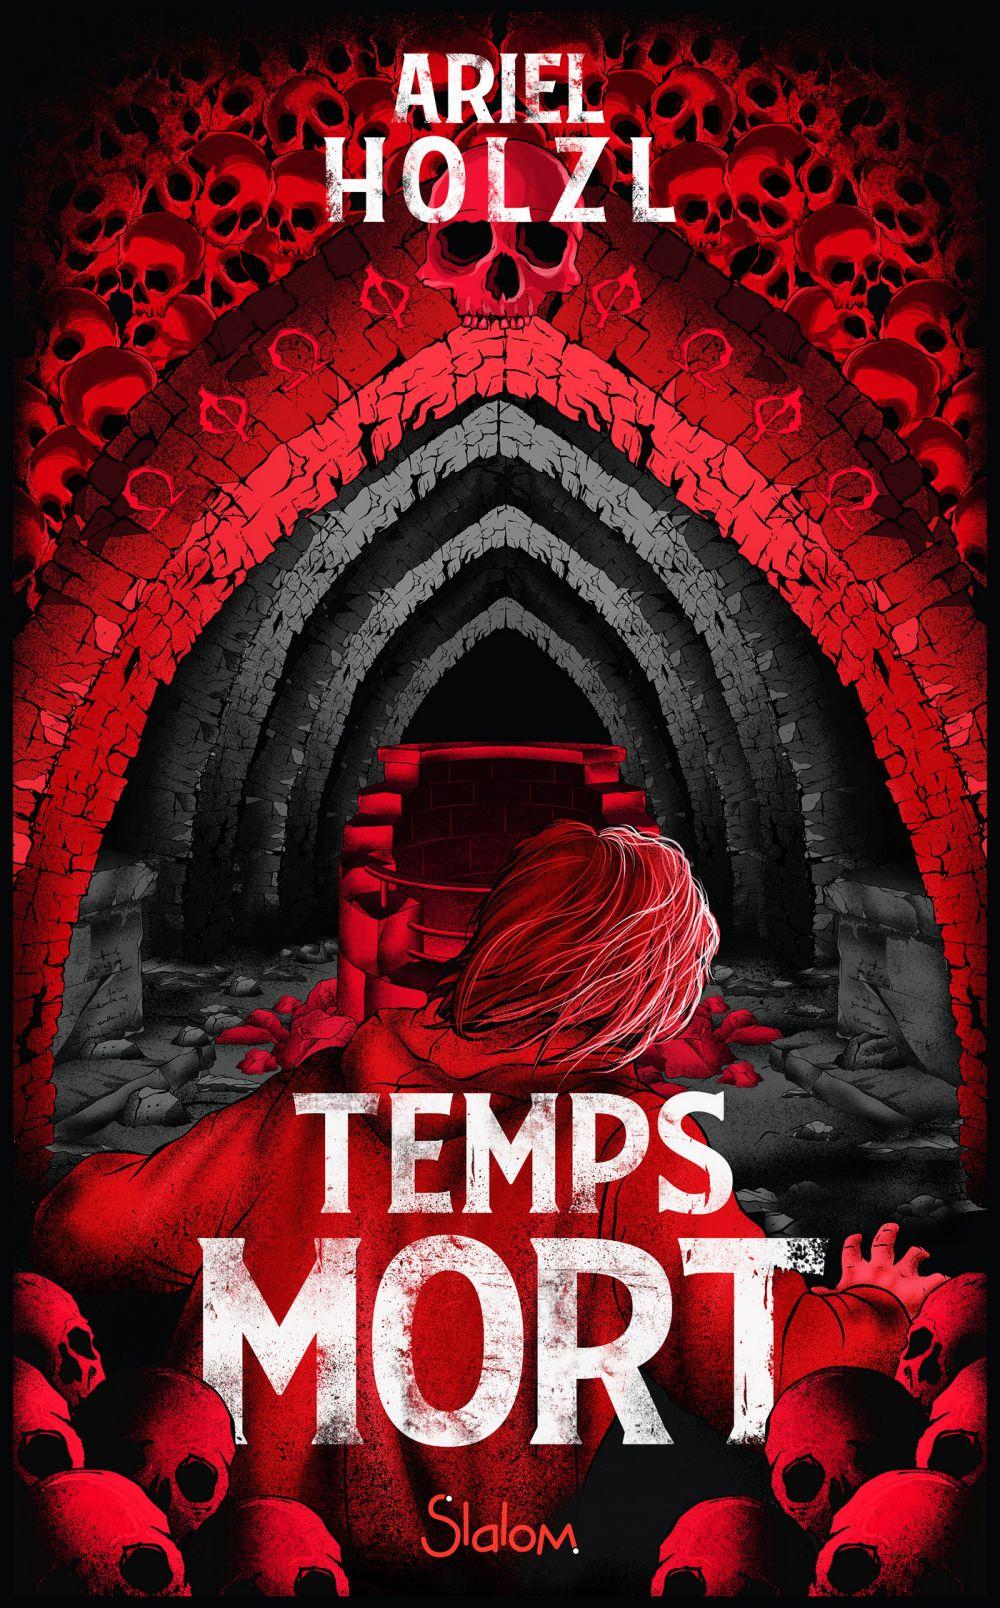 Temps Mort - Roman fantastique - Paris - Dès 13 ans   HOLZL, Ariel. Auteur